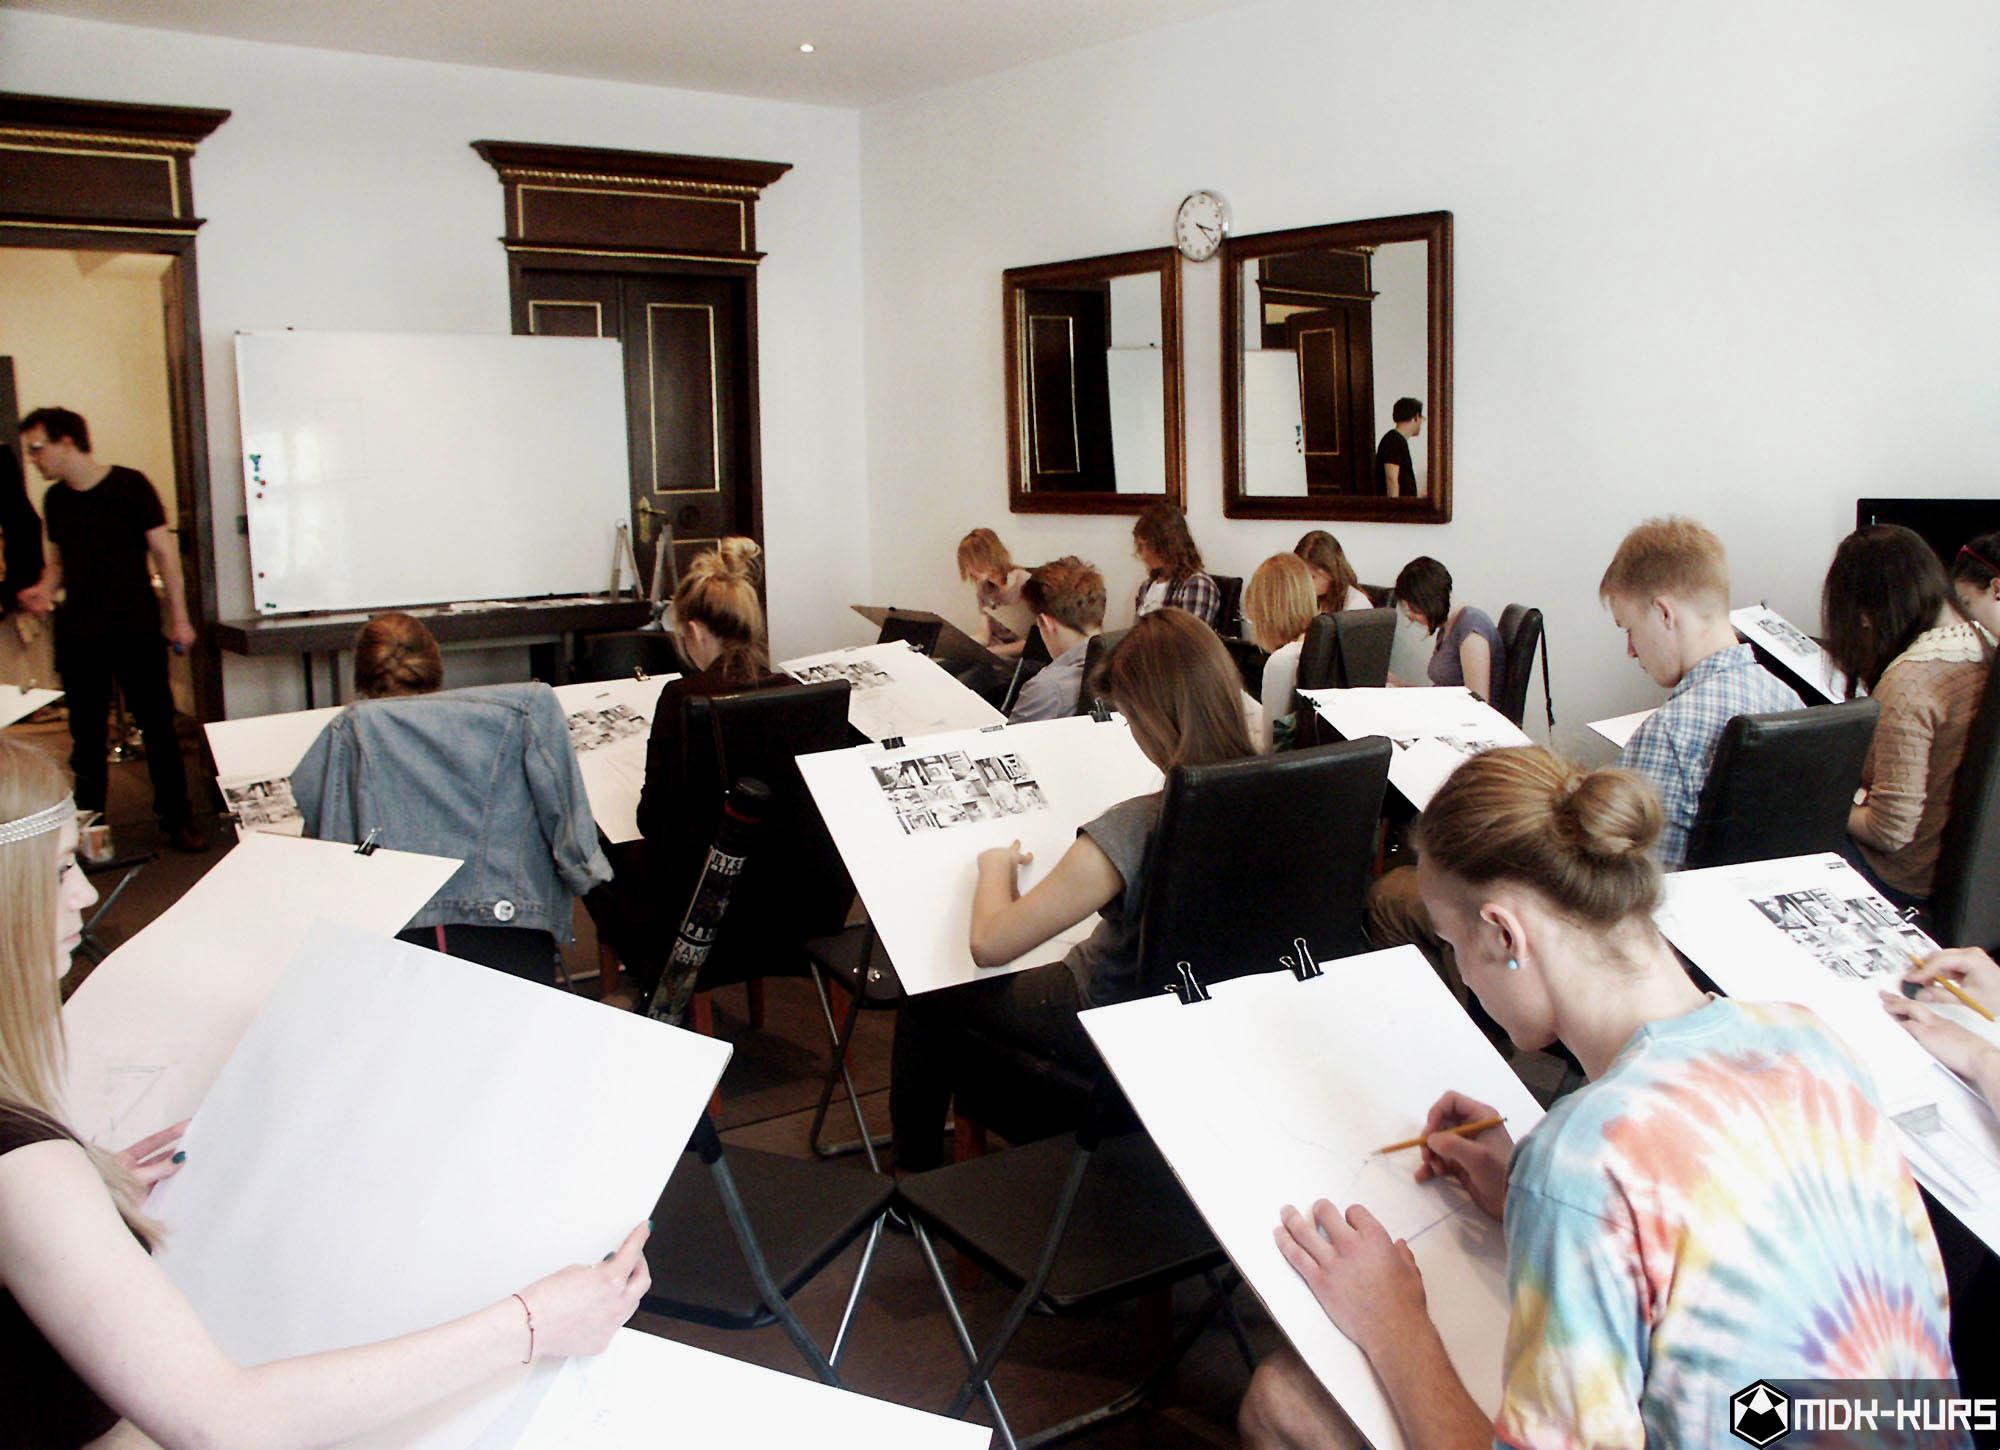 Pracownia rysunku w Krakowie